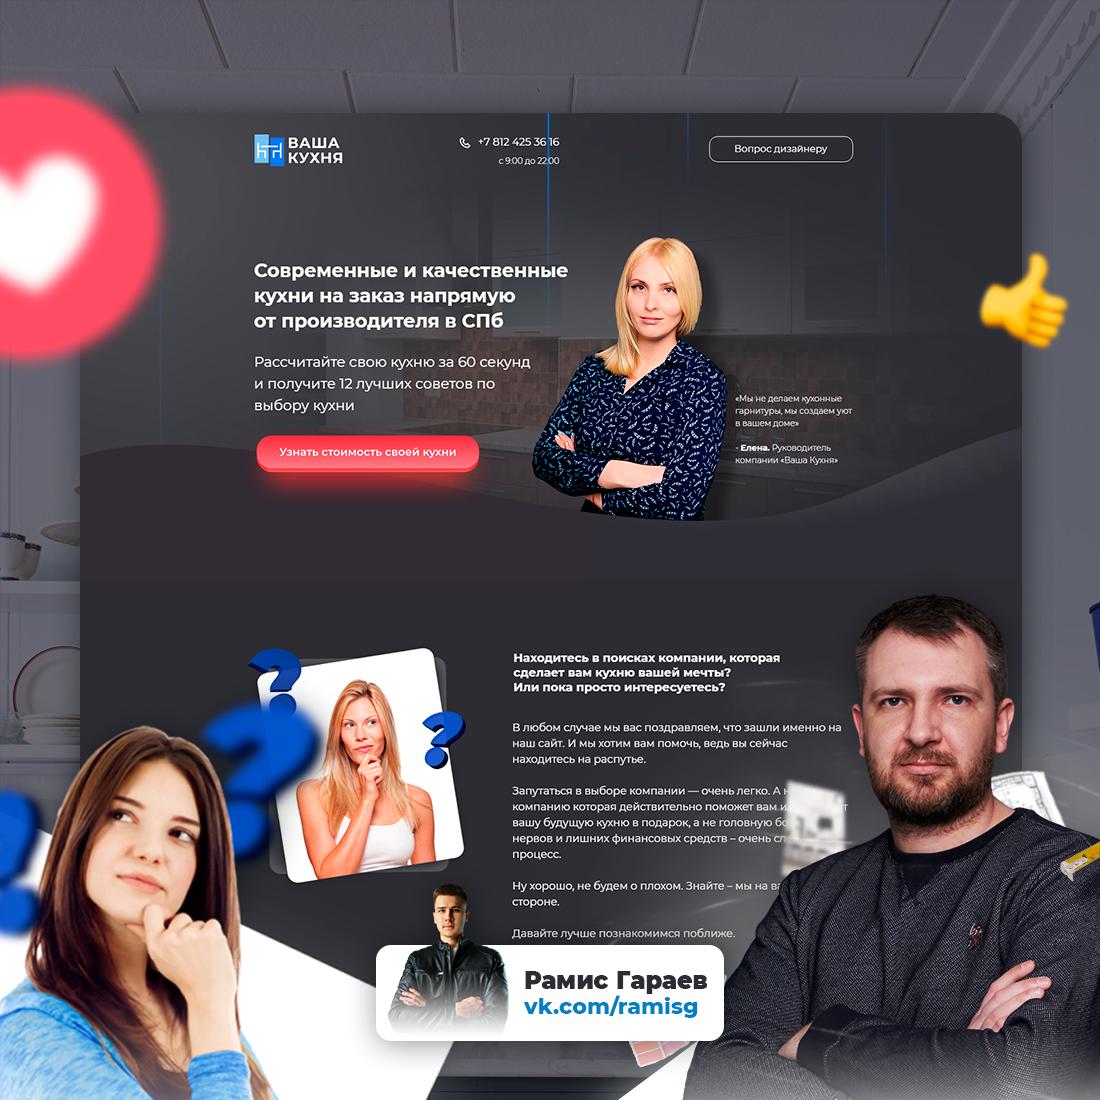 Дизайн сайт Стартовой страницы  фото f_0755e4659a4daa1d.png